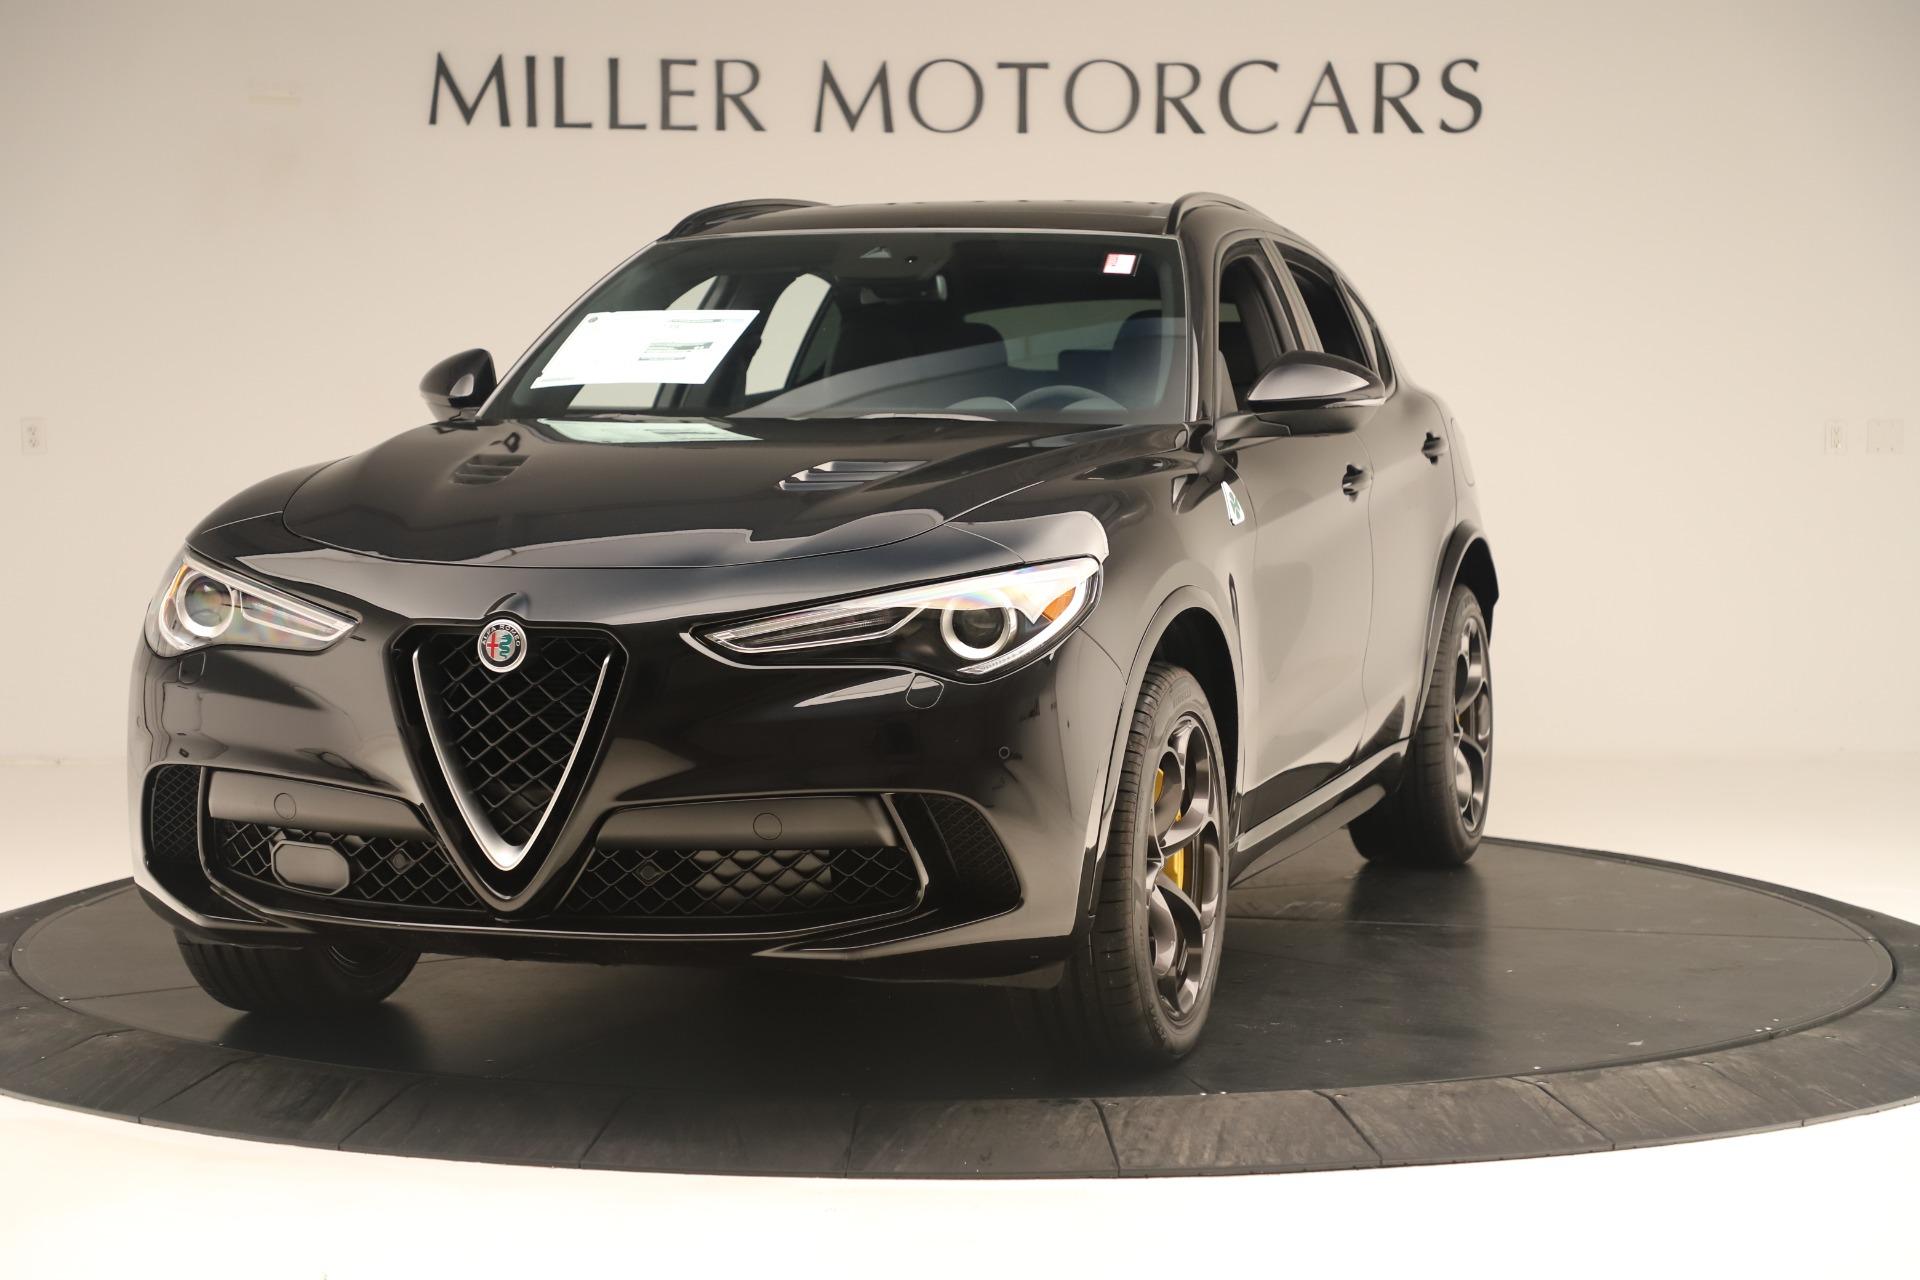 Used 2019 Alfa Romeo Stelvio Quadrifoglio for sale $68,500 at Bentley Greenwich in Greenwich CT 06830 1